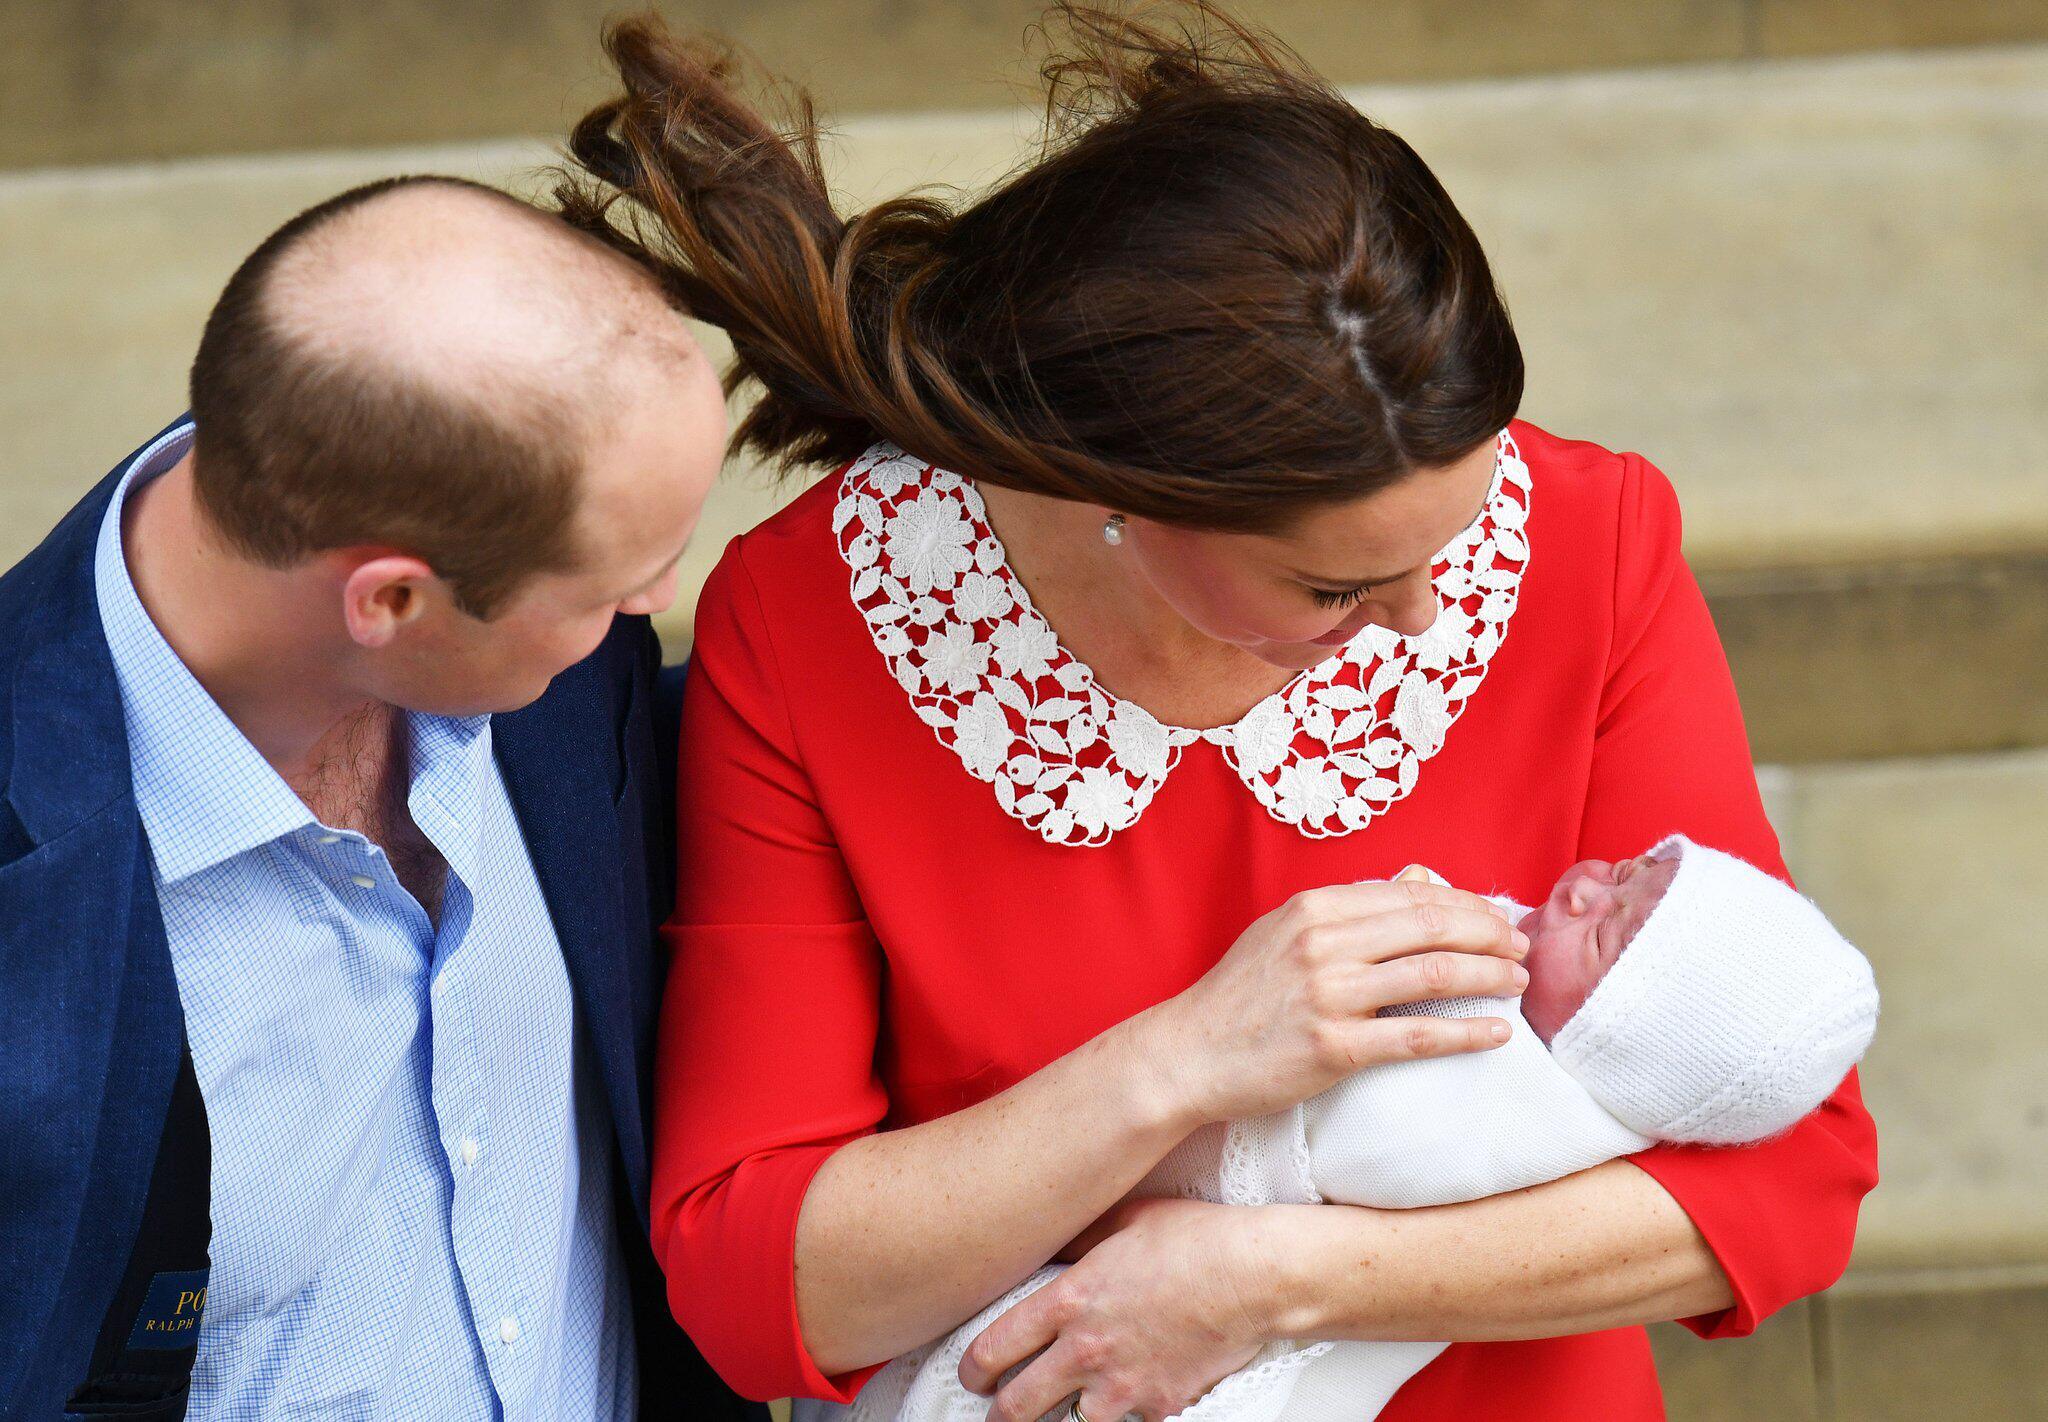 Bild zu Herzogin Kate, Prinz William, Baby, St. Mary's Hospital, London